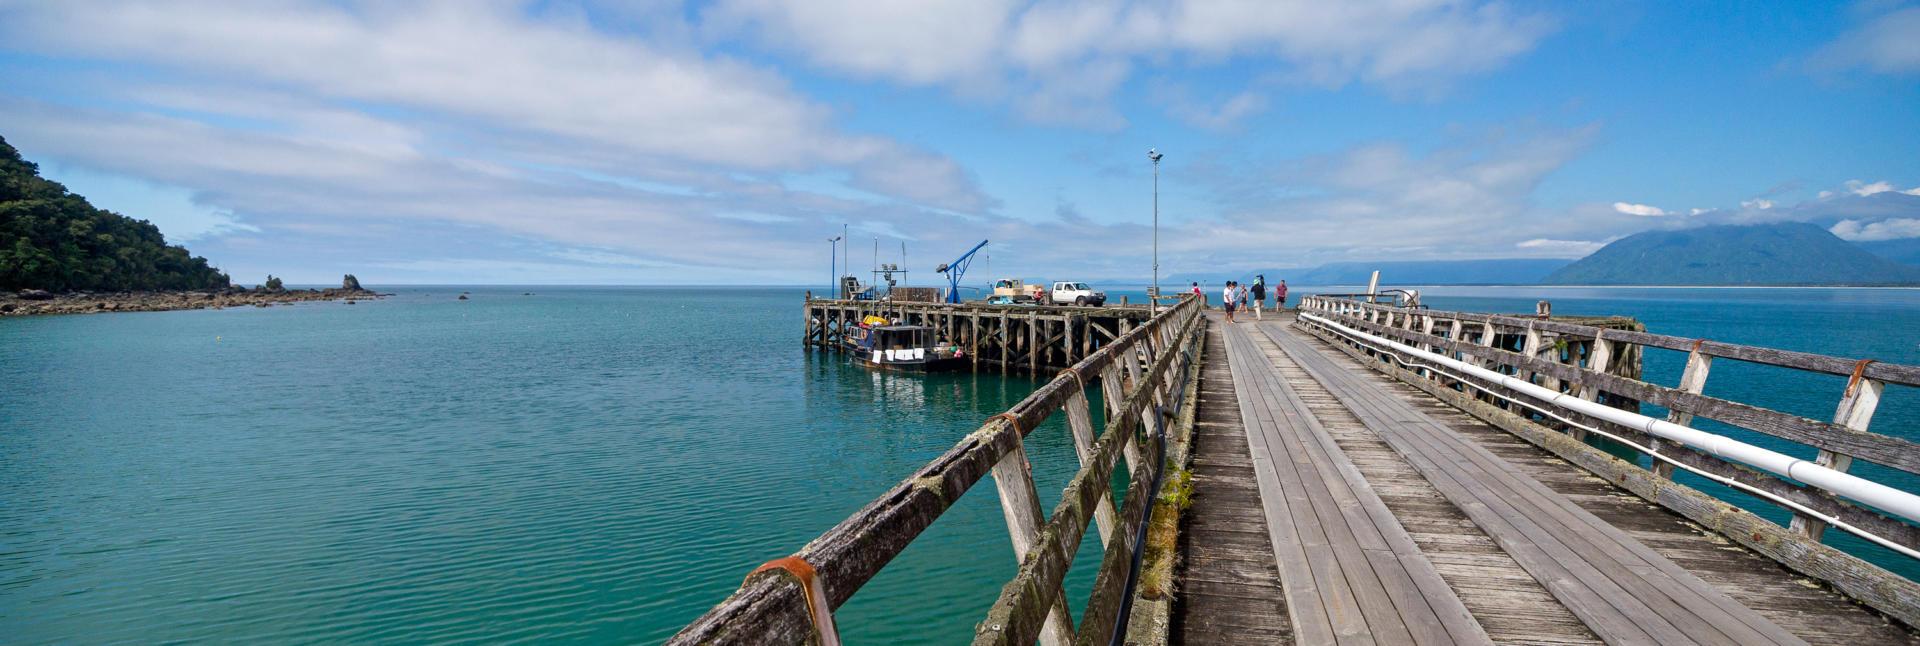 West Coast Jackson Bay 02 P